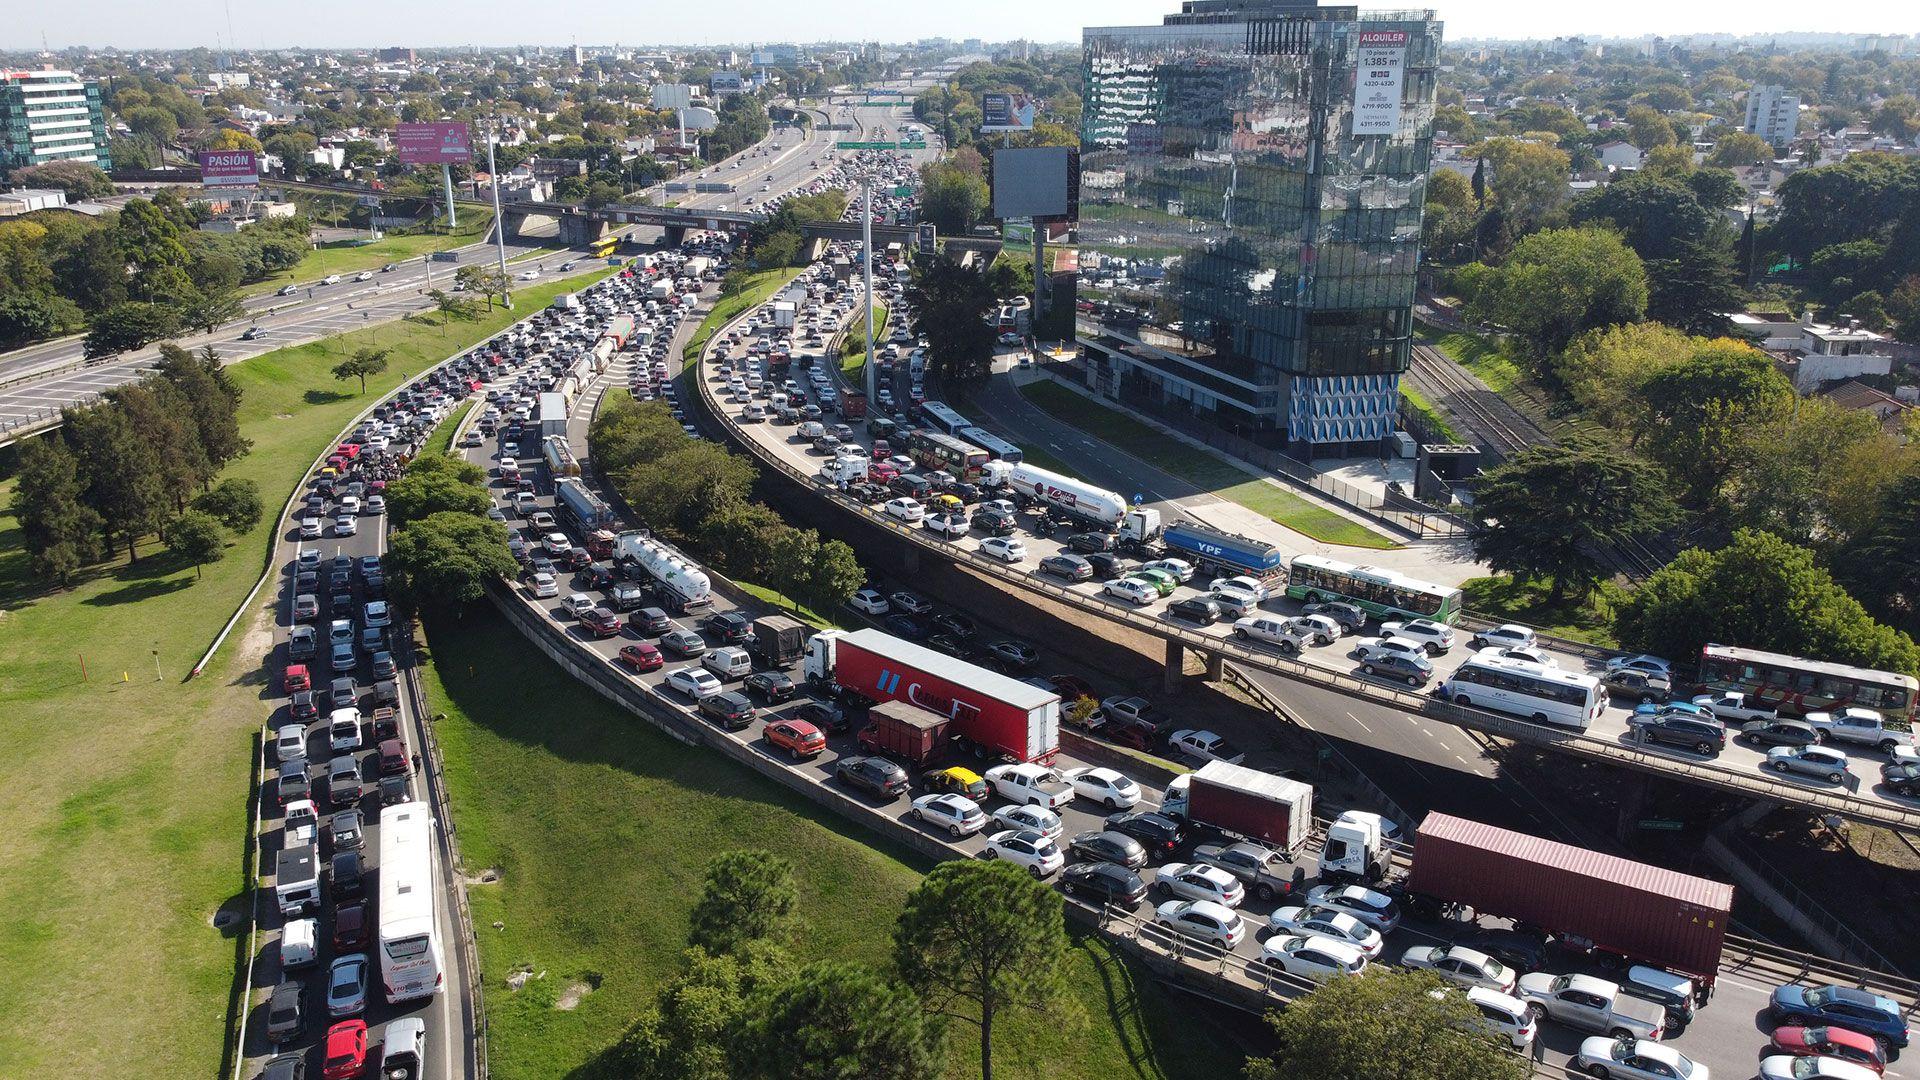 congestion-en-panamericana-por-controles-en-el-transito-restricciones-coronavirus-drone